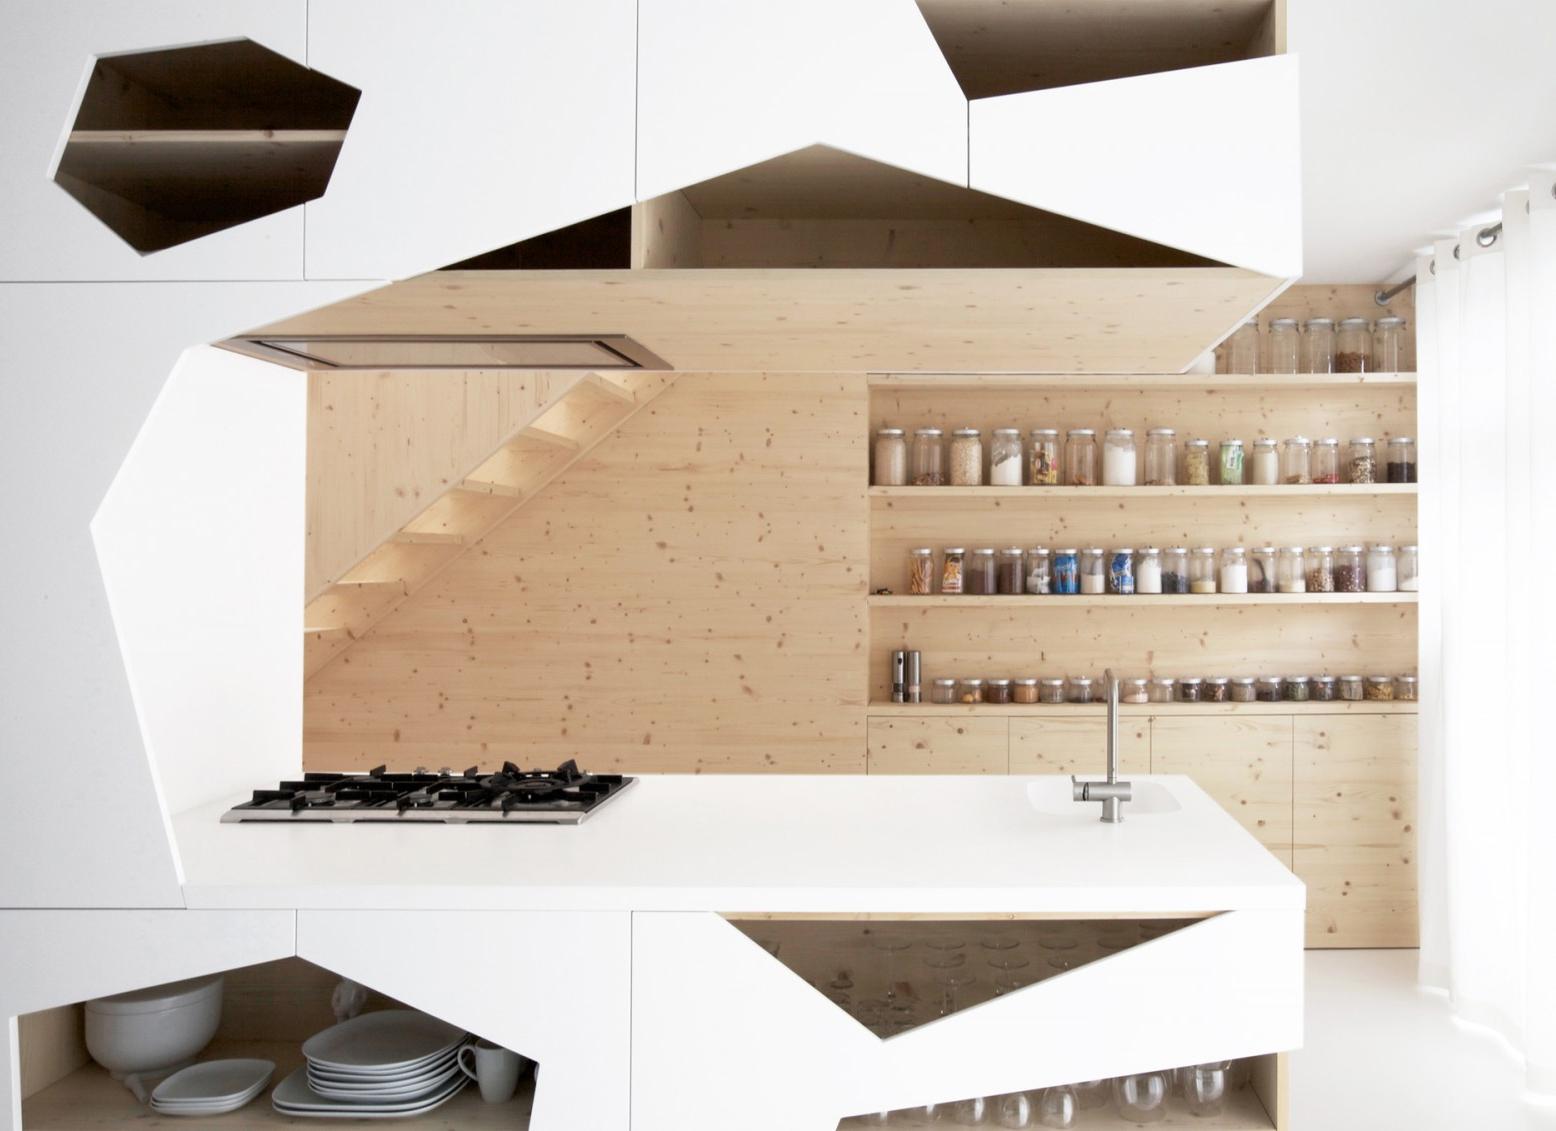 anda pada artikel Desain Rak Dapur Terbuka dan Kabinet Dapur Modern